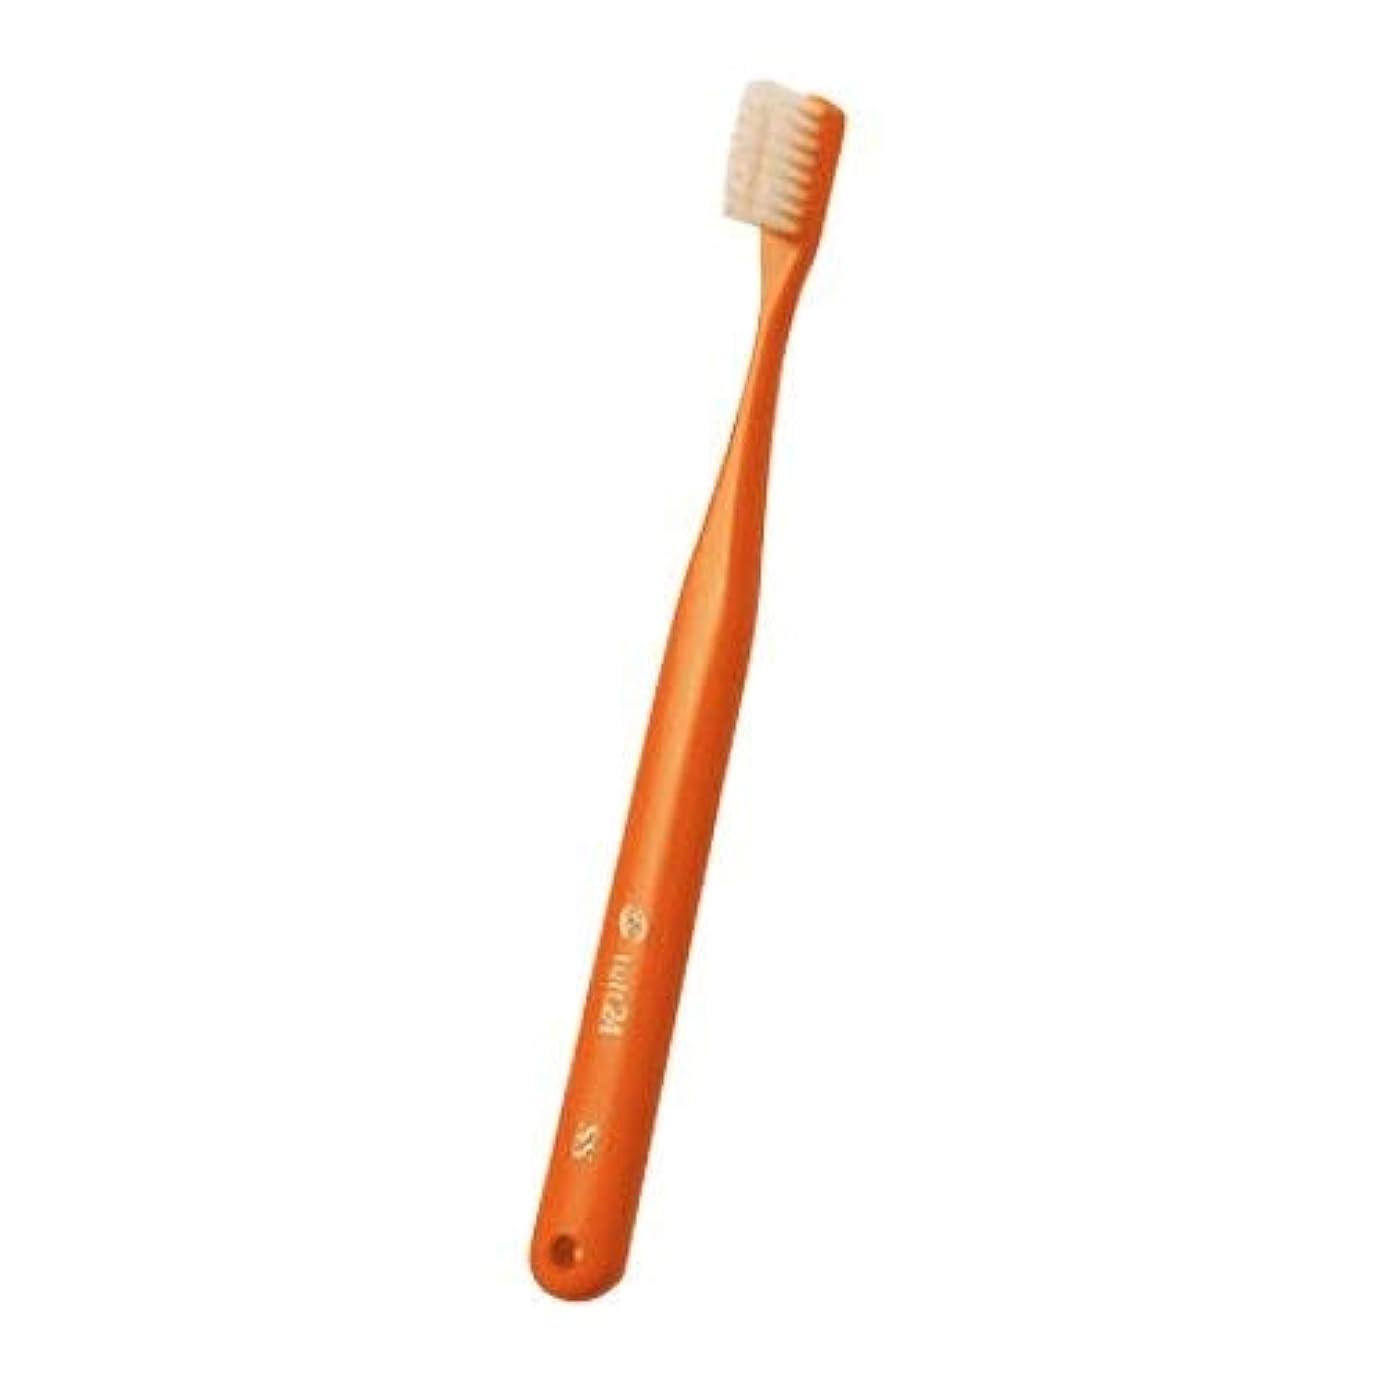 シンプルなインサート感じるオーラルケア キャップ付き タフト 24 歯ブラシ スーパーソフト 1本 (オレンジ)